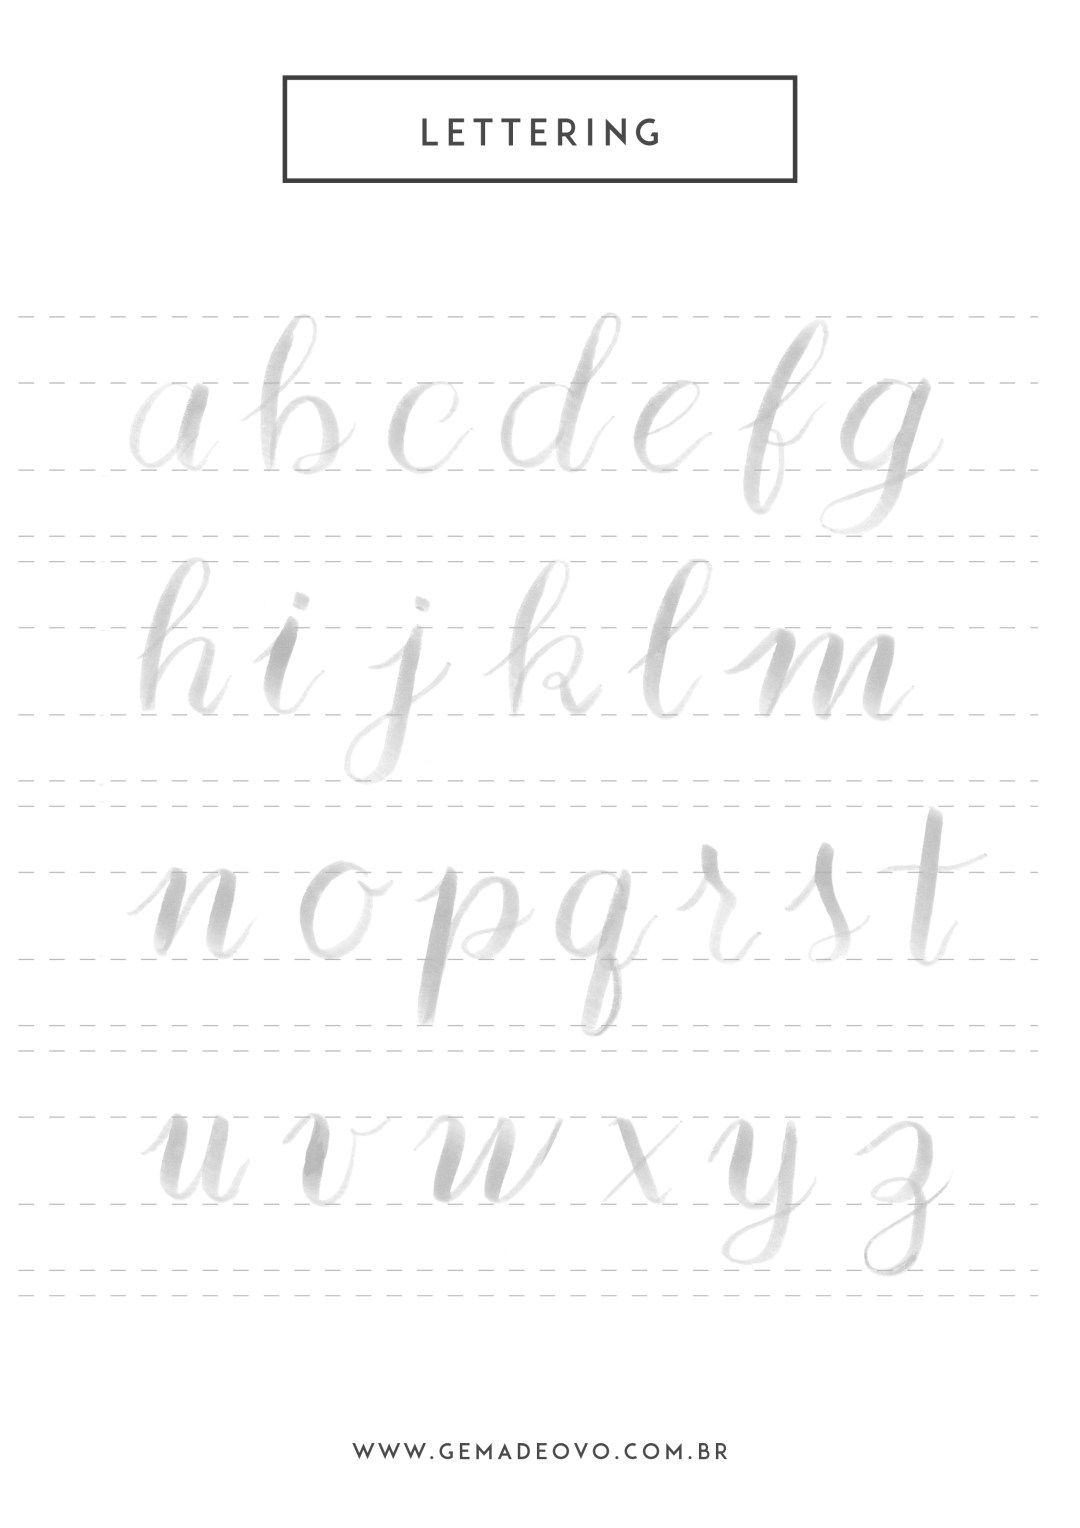 Exercicio De Lettering